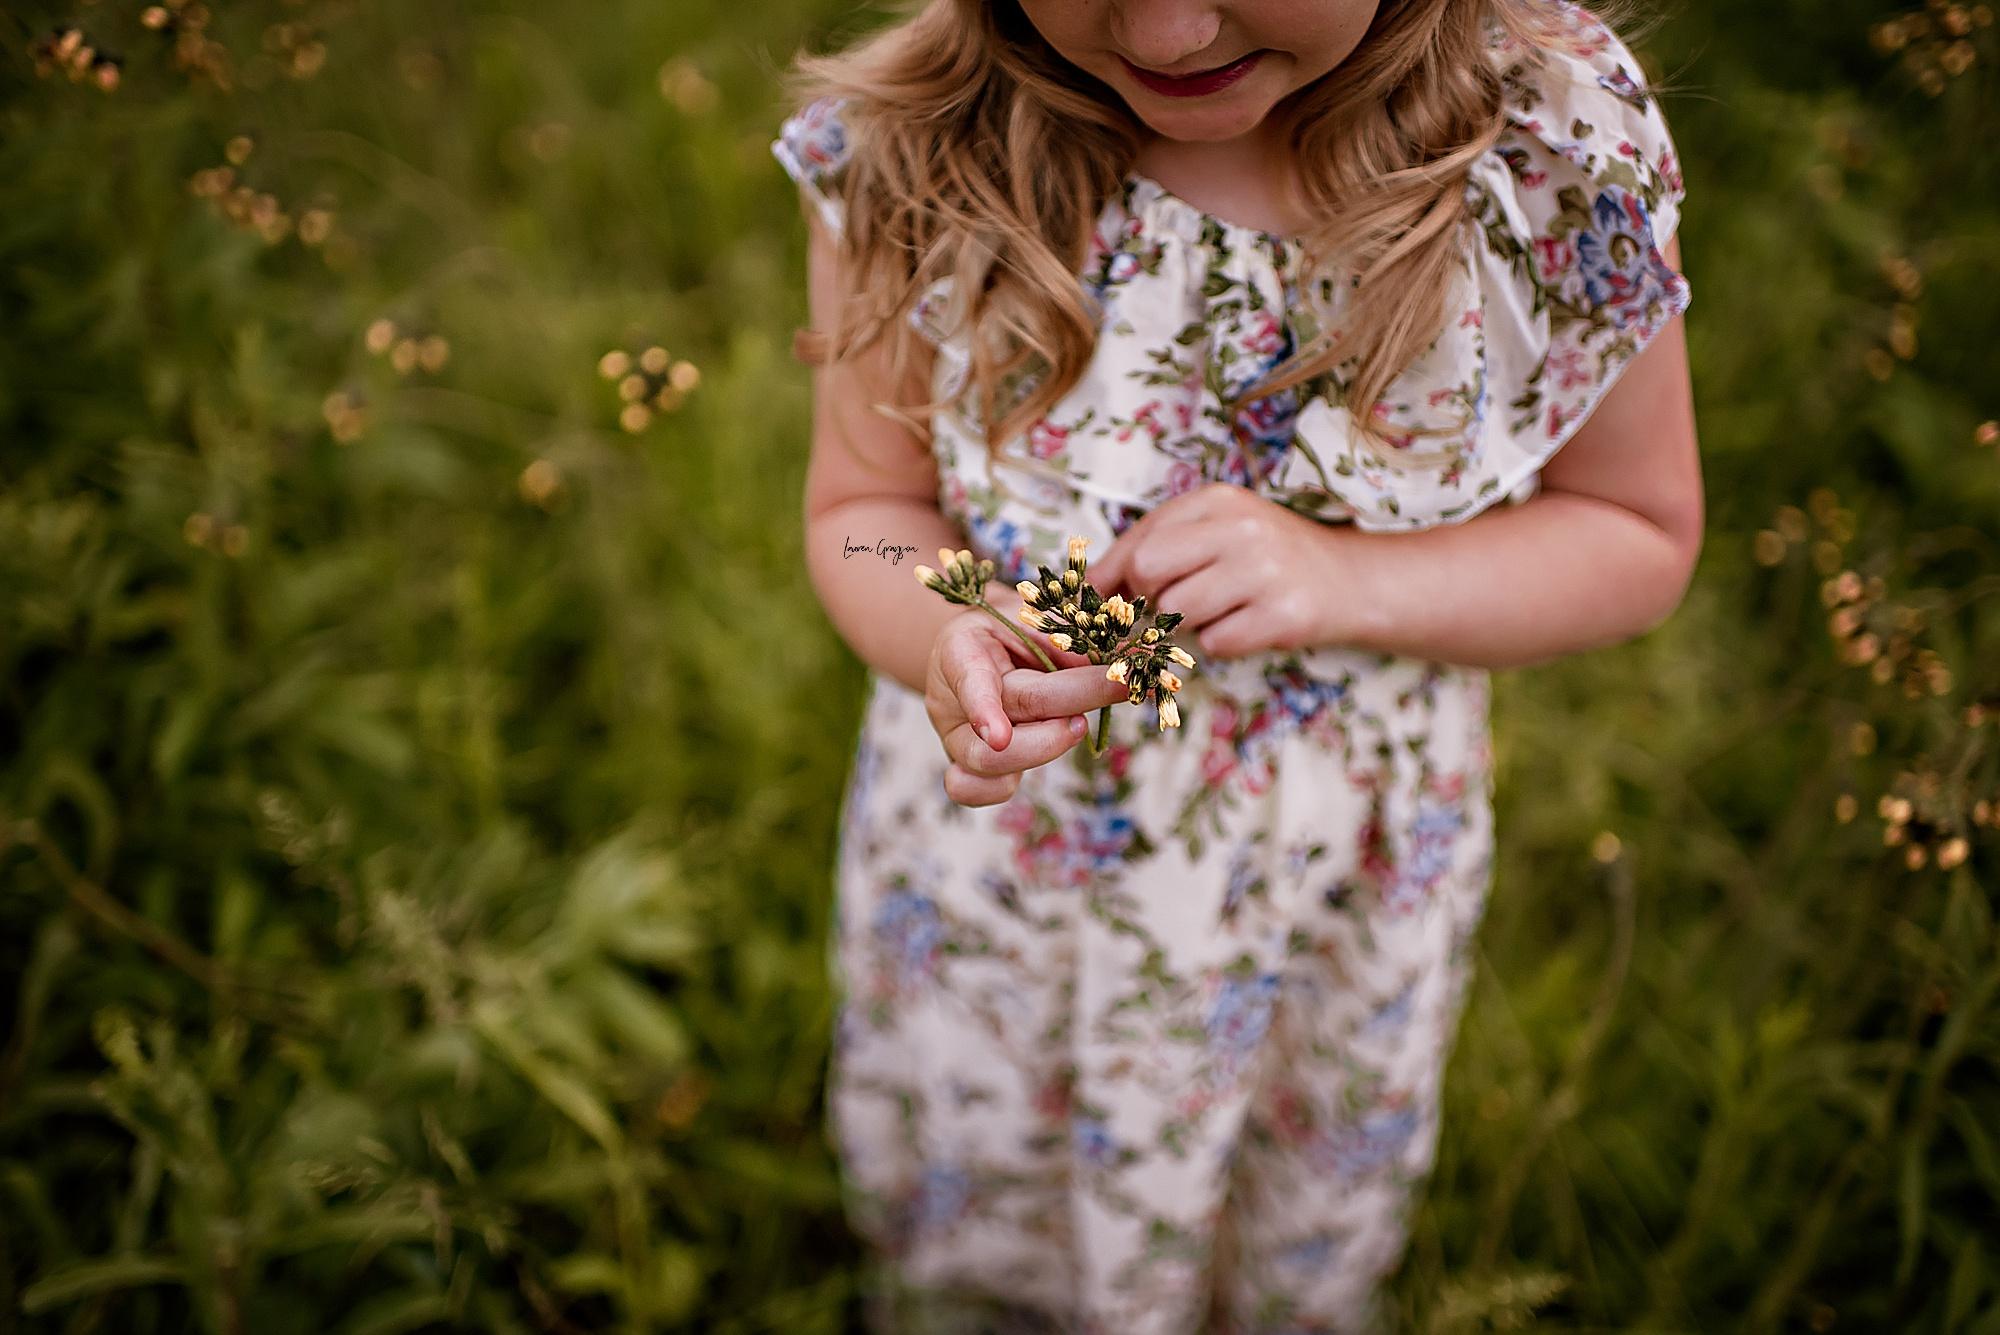 lauren-grayson-photography-akron-ridenour-family-summer-fields-sunset-session_0026.jpg